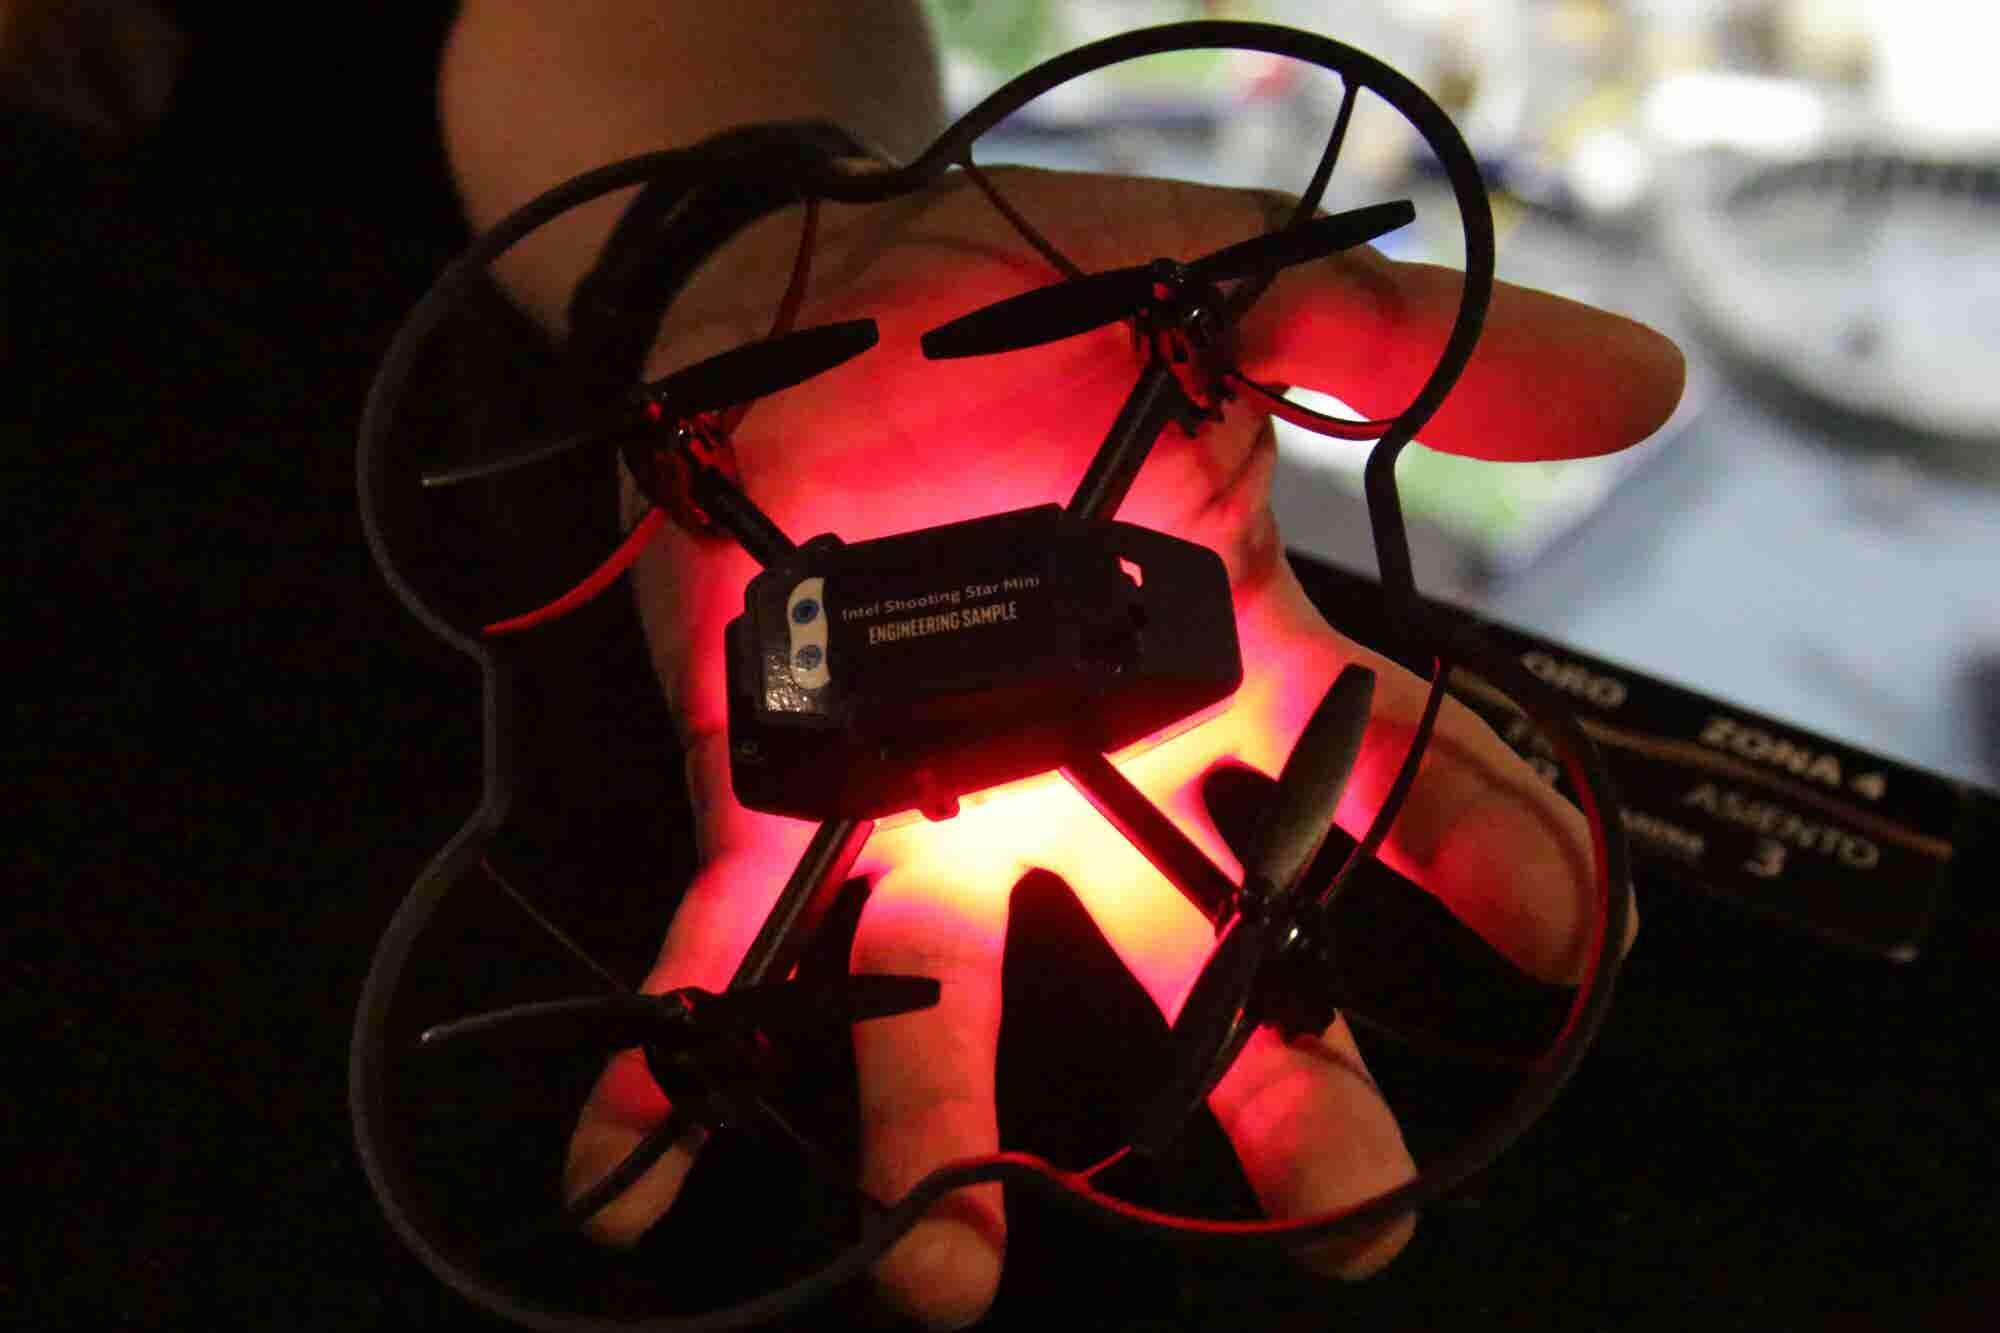 ¿Quieres emprender con drones? Esto es todo lo que debe ser saber